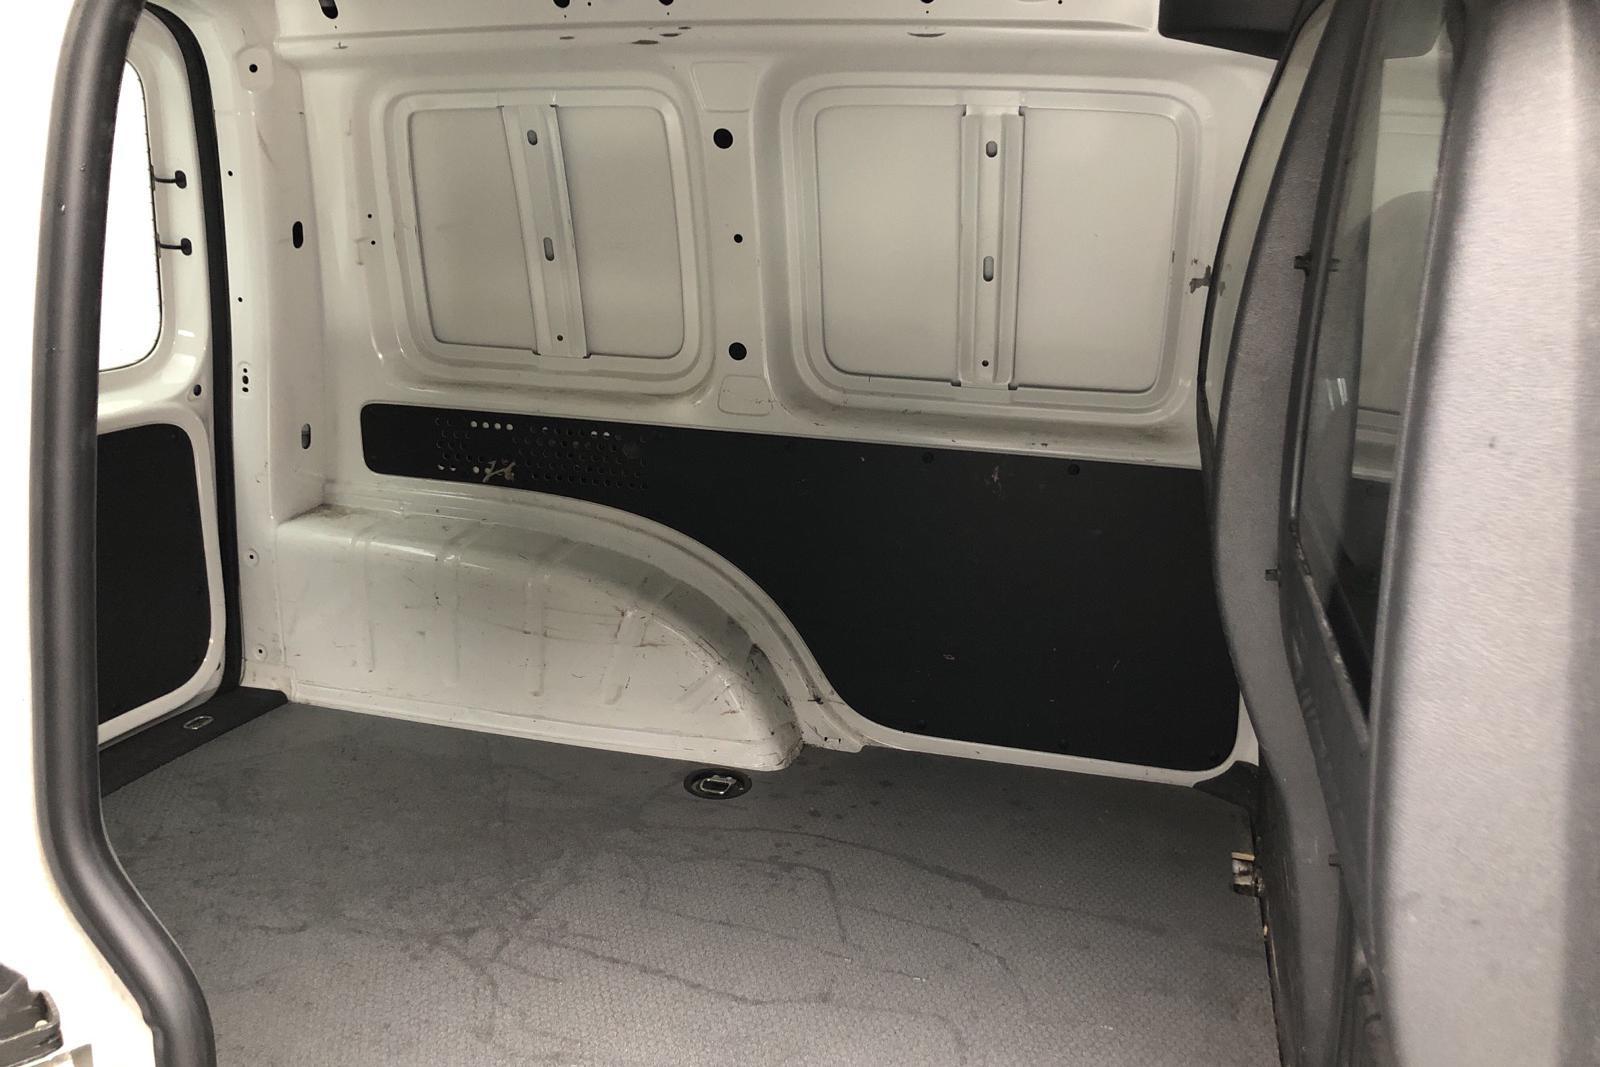 VW Caddy 1.6 TDI Skåp (75hk) - 0 km - Manual - white - 2016